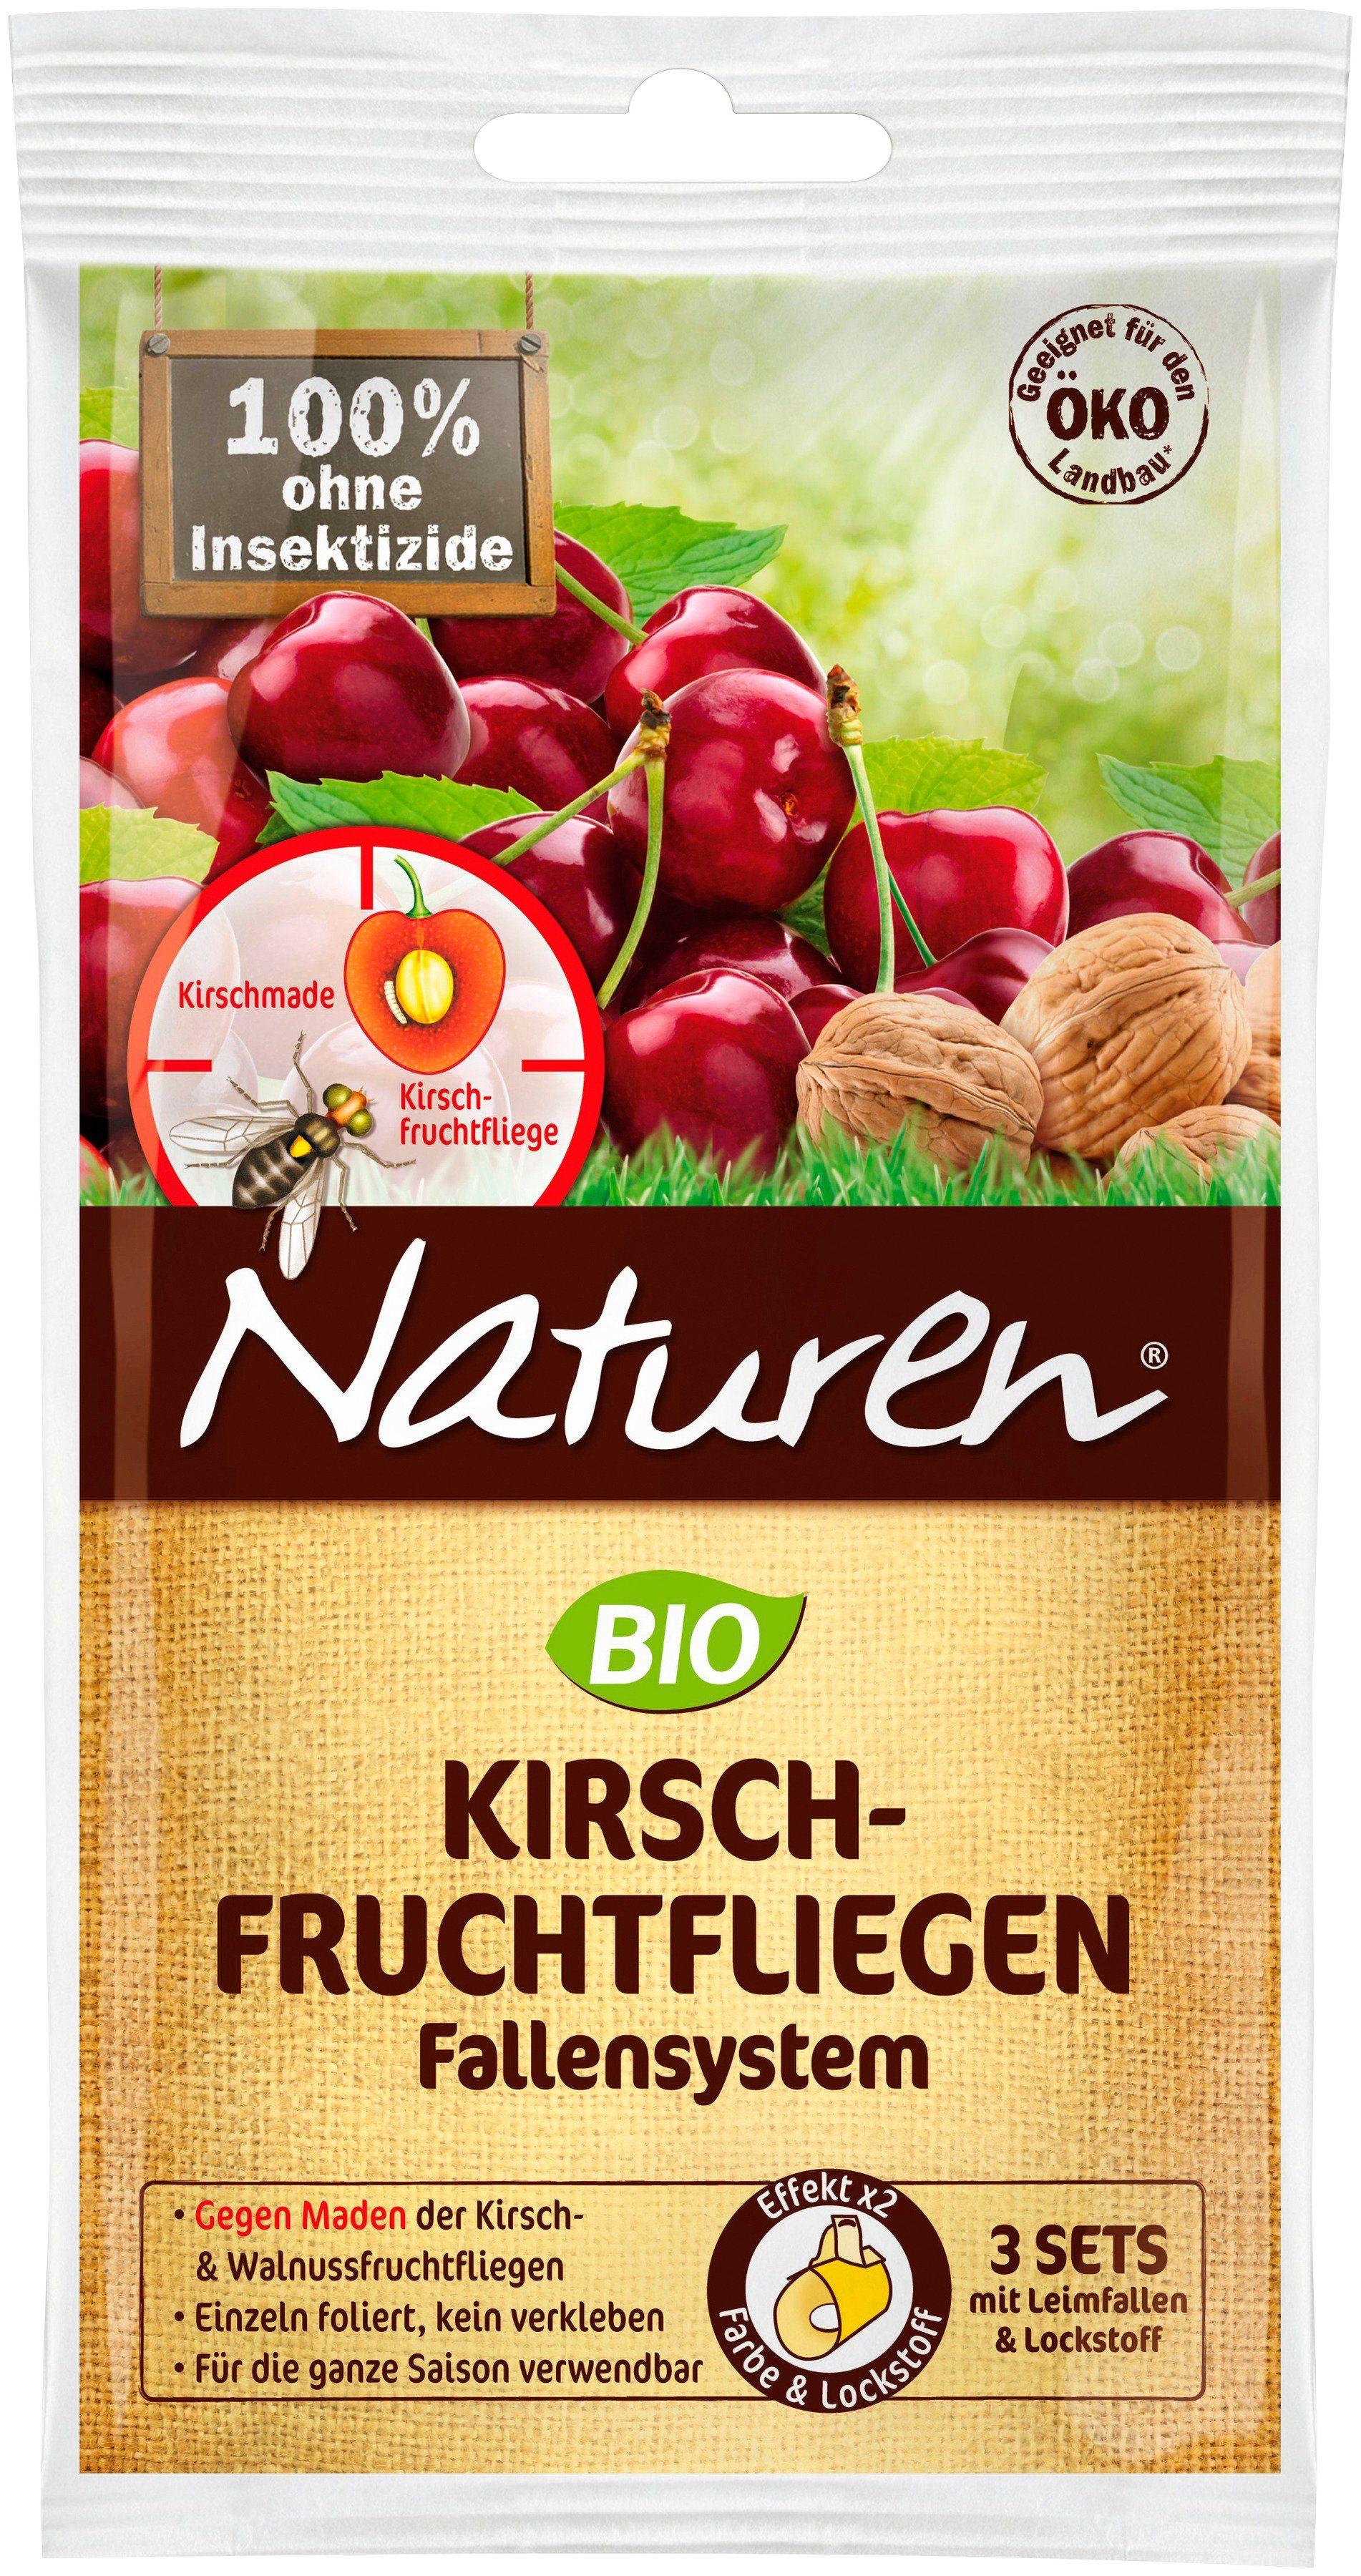 Pflanzenschutz »NATUREN Bio Kirschfruchtfliegen Fallensystem« (3 Sets)